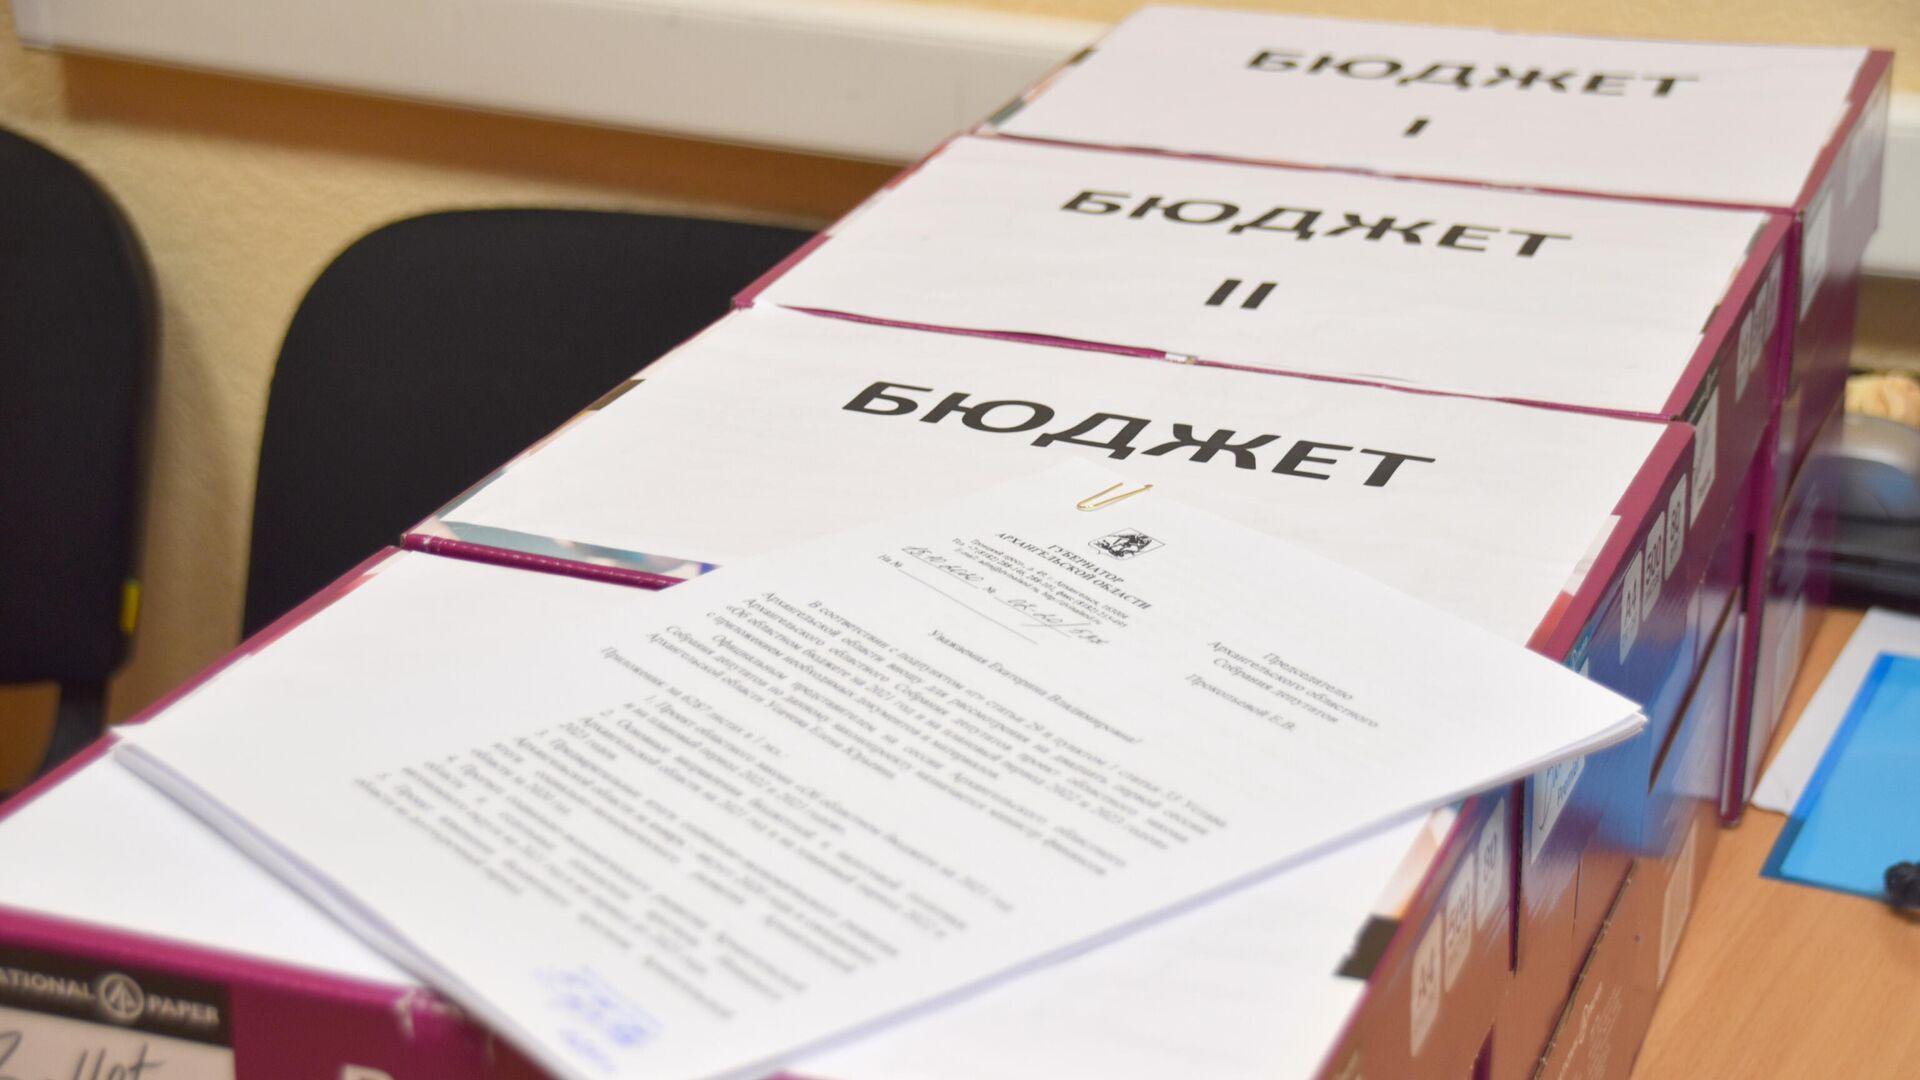 Доходы бюджета Поморья в 2021 году планируются в размере 97,3 млрд рублей